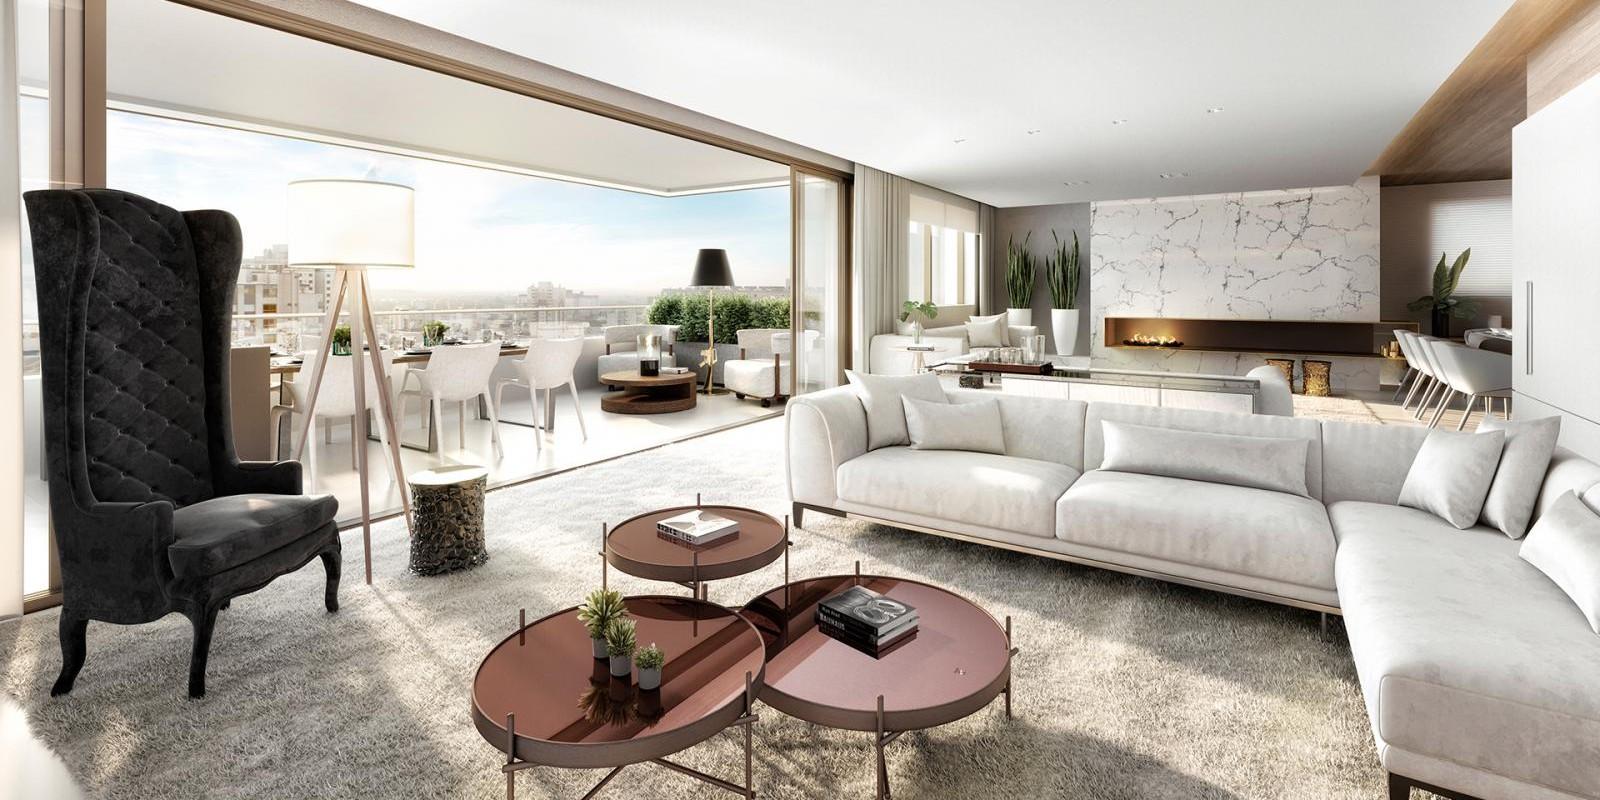 TPS Imóveis - Veja Foto 4 de 5 do Apartamento de Luxo A Venda Porto Alegre